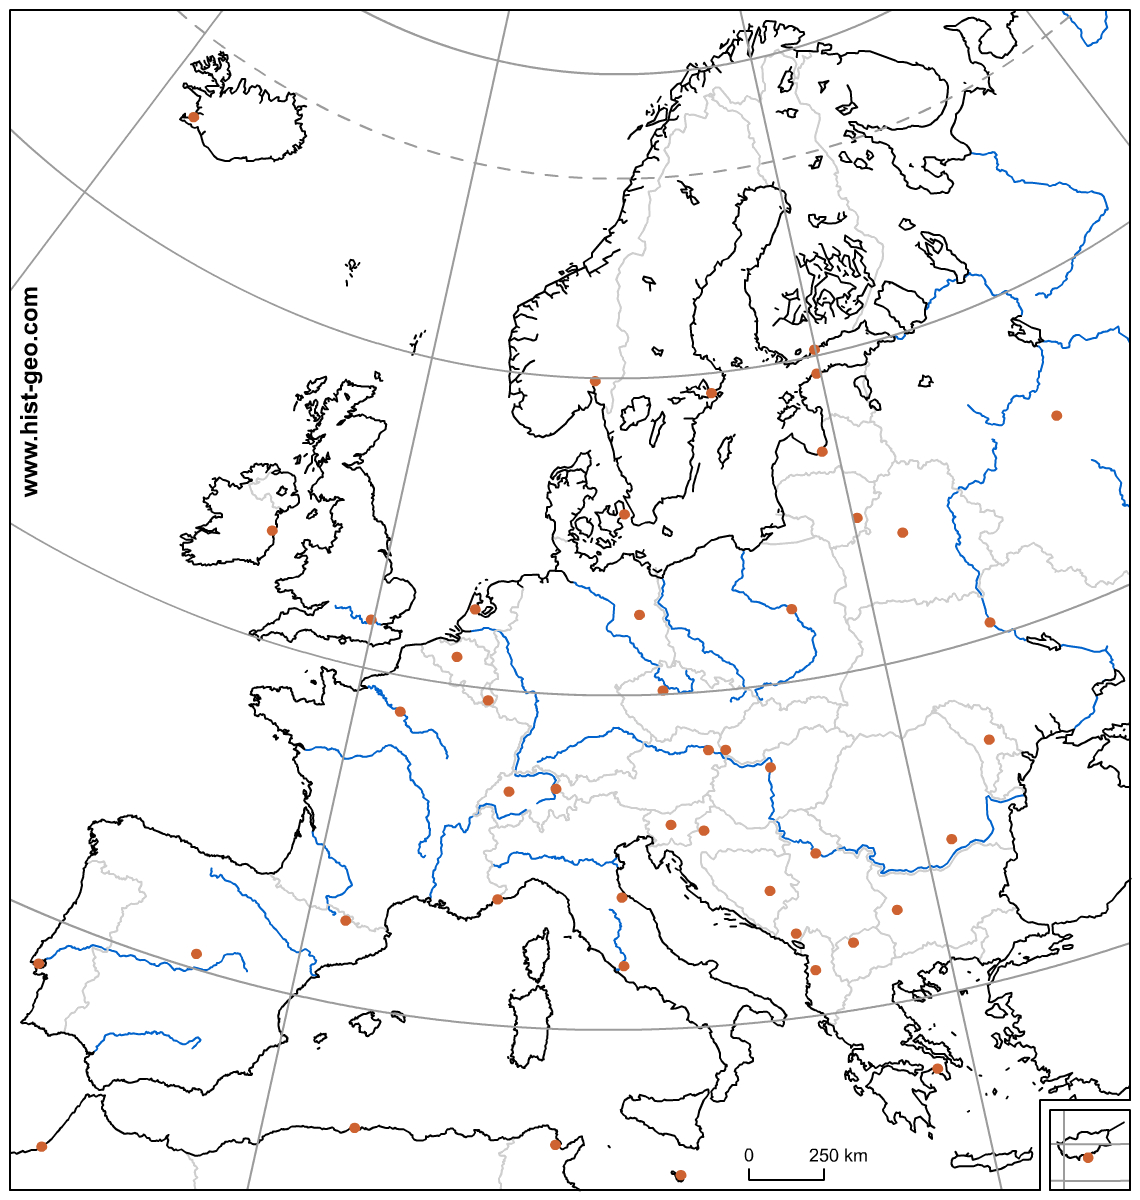 Carte Vierge De L'union Européenne (Pays, Capitales, Fleuves dedans Union Européenne Carte Vierge